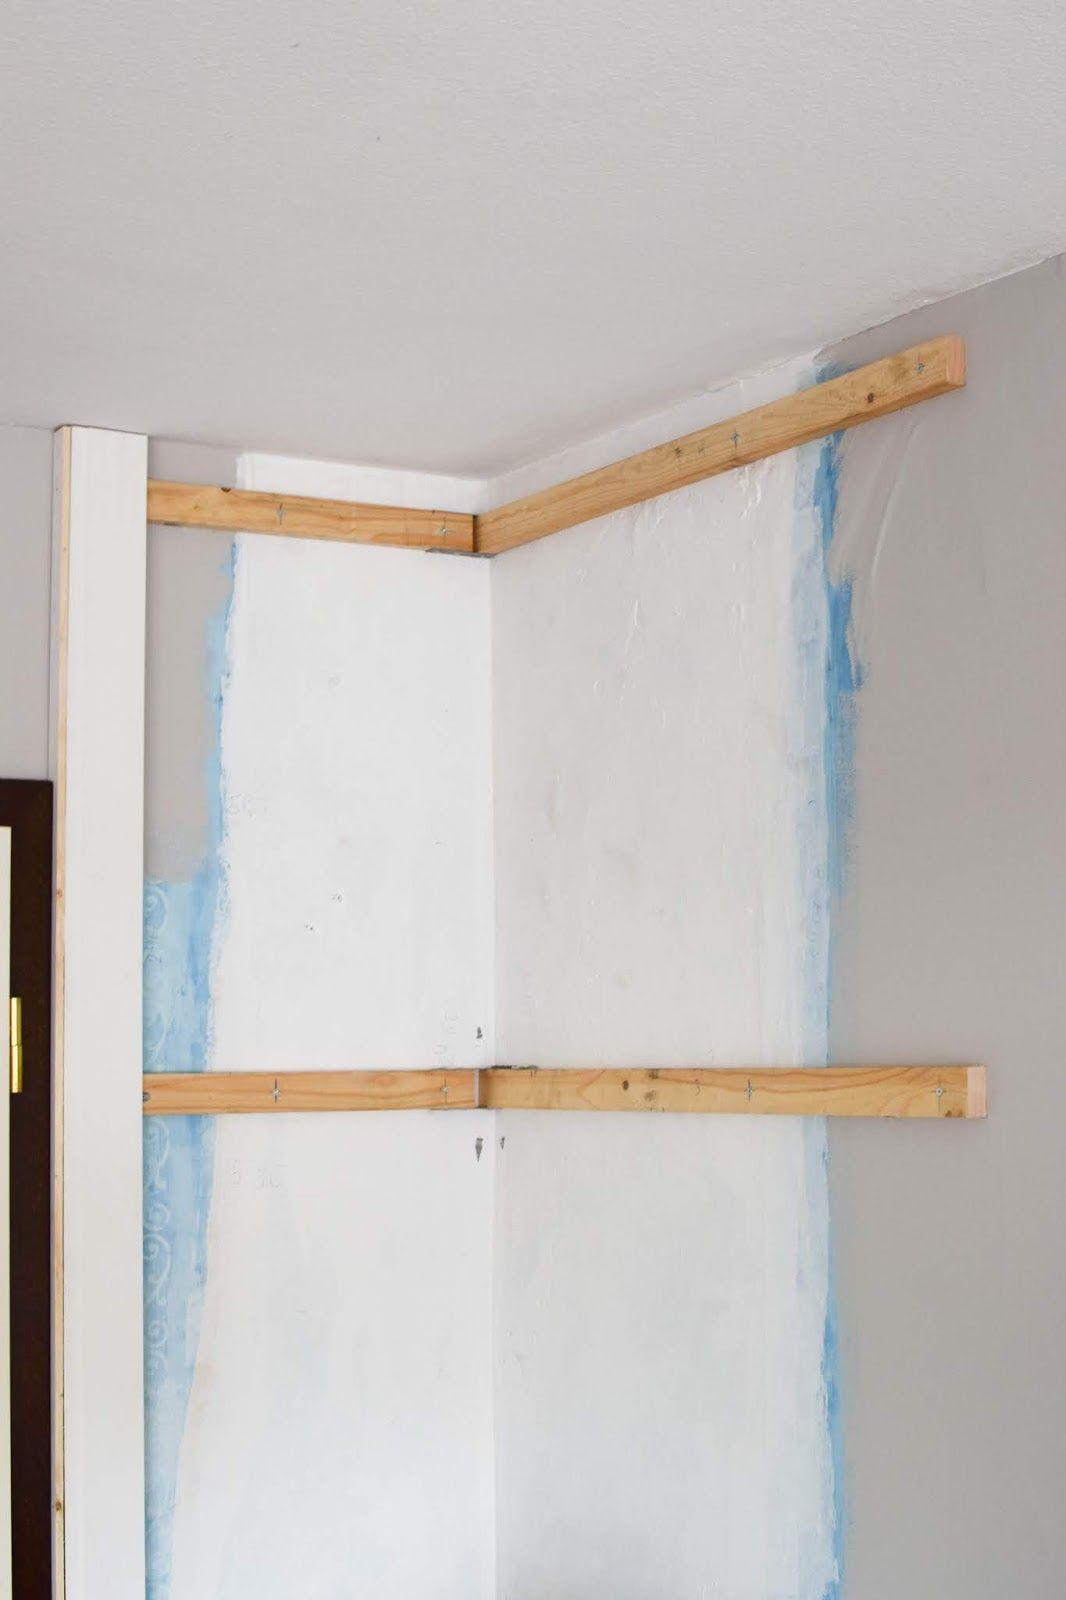 Bilder Auf Holz Selber Machen Frisch Wandverkleidung Diy Aus Holz Mit Nut Und Federbretter